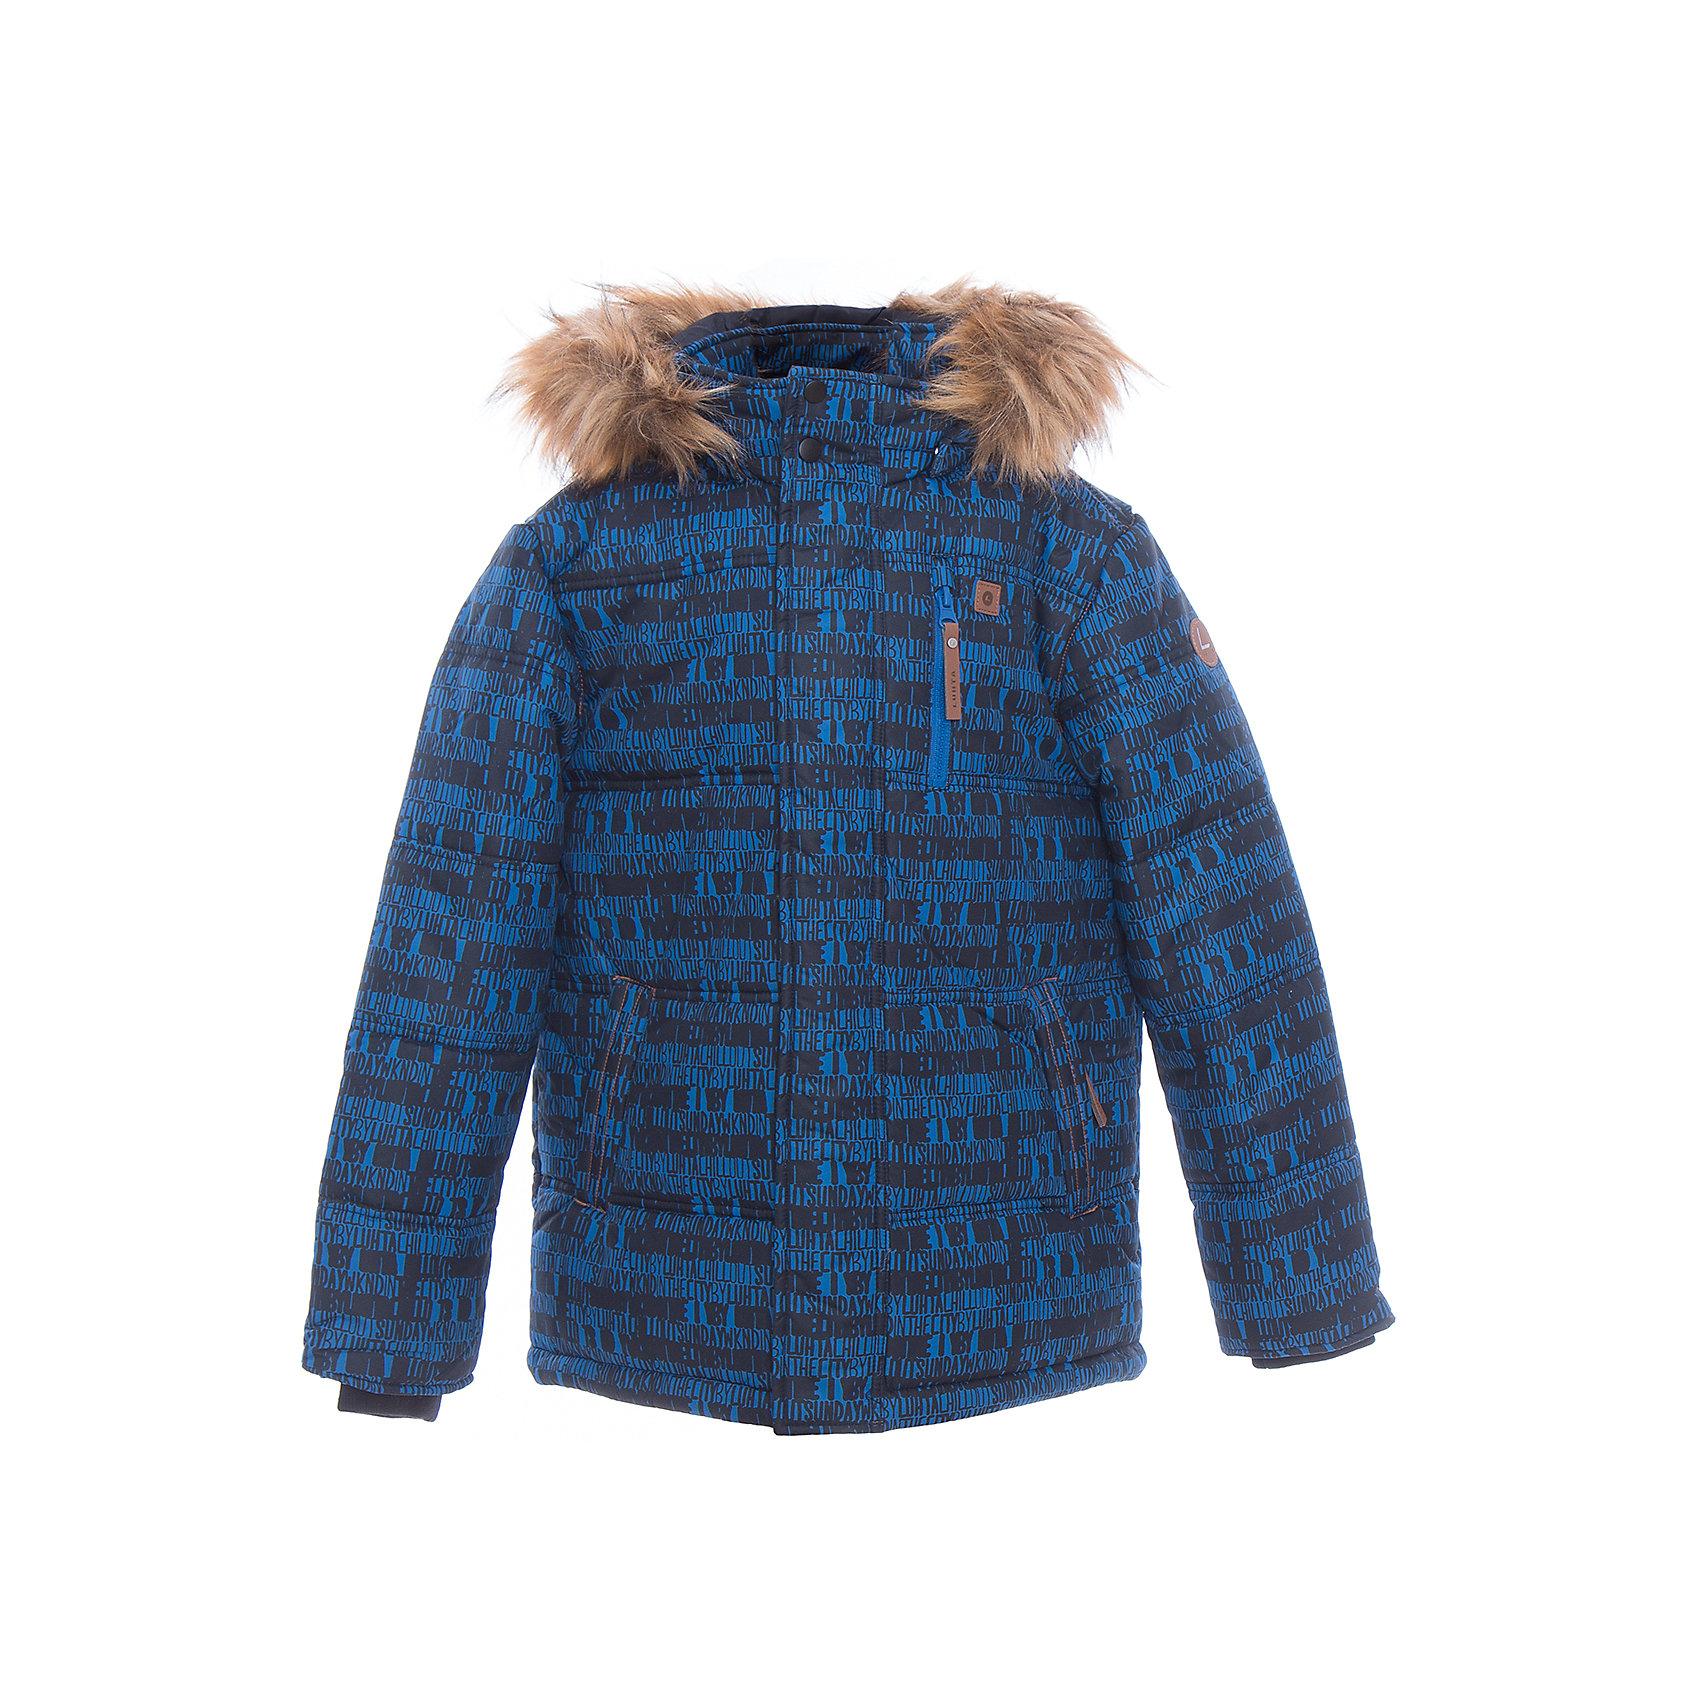 Куртка для мальчика LuhtaОдежда<br>Куртка для мальчика от известного бренда Luhta.<br>Куртка с отстегивающимся капюшоном, искусственный мех, принт, в рукавах вязанные манжеты, утяжка в нижней части куртки, теплые карманы на молнии, светоотражающие элементы, утепление 280 гр. рекомендуемый температурный режим до -30 град., термометр, показывающий температуру внутри верхней одежды.<br>Технологии: Luhta WATER REPELLENT; Luhta BREATHABLE; 2000/2000; Luhta DIRT REPELLENT; Luhta SAFETY; Luhta FINNWAD; Luhta -30<br>Состав:<br>100% полиэстер<br><br>Ширина мм: 356<br>Глубина мм: 10<br>Высота мм: 245<br>Вес г: 519<br>Цвет: синий<br>Возраст от месяцев: 156<br>Возраст до месяцев: 168<br>Пол: Мужской<br>Возраст: Детский<br>Размер: 164,140,146,152,158<br>SKU: 5413947